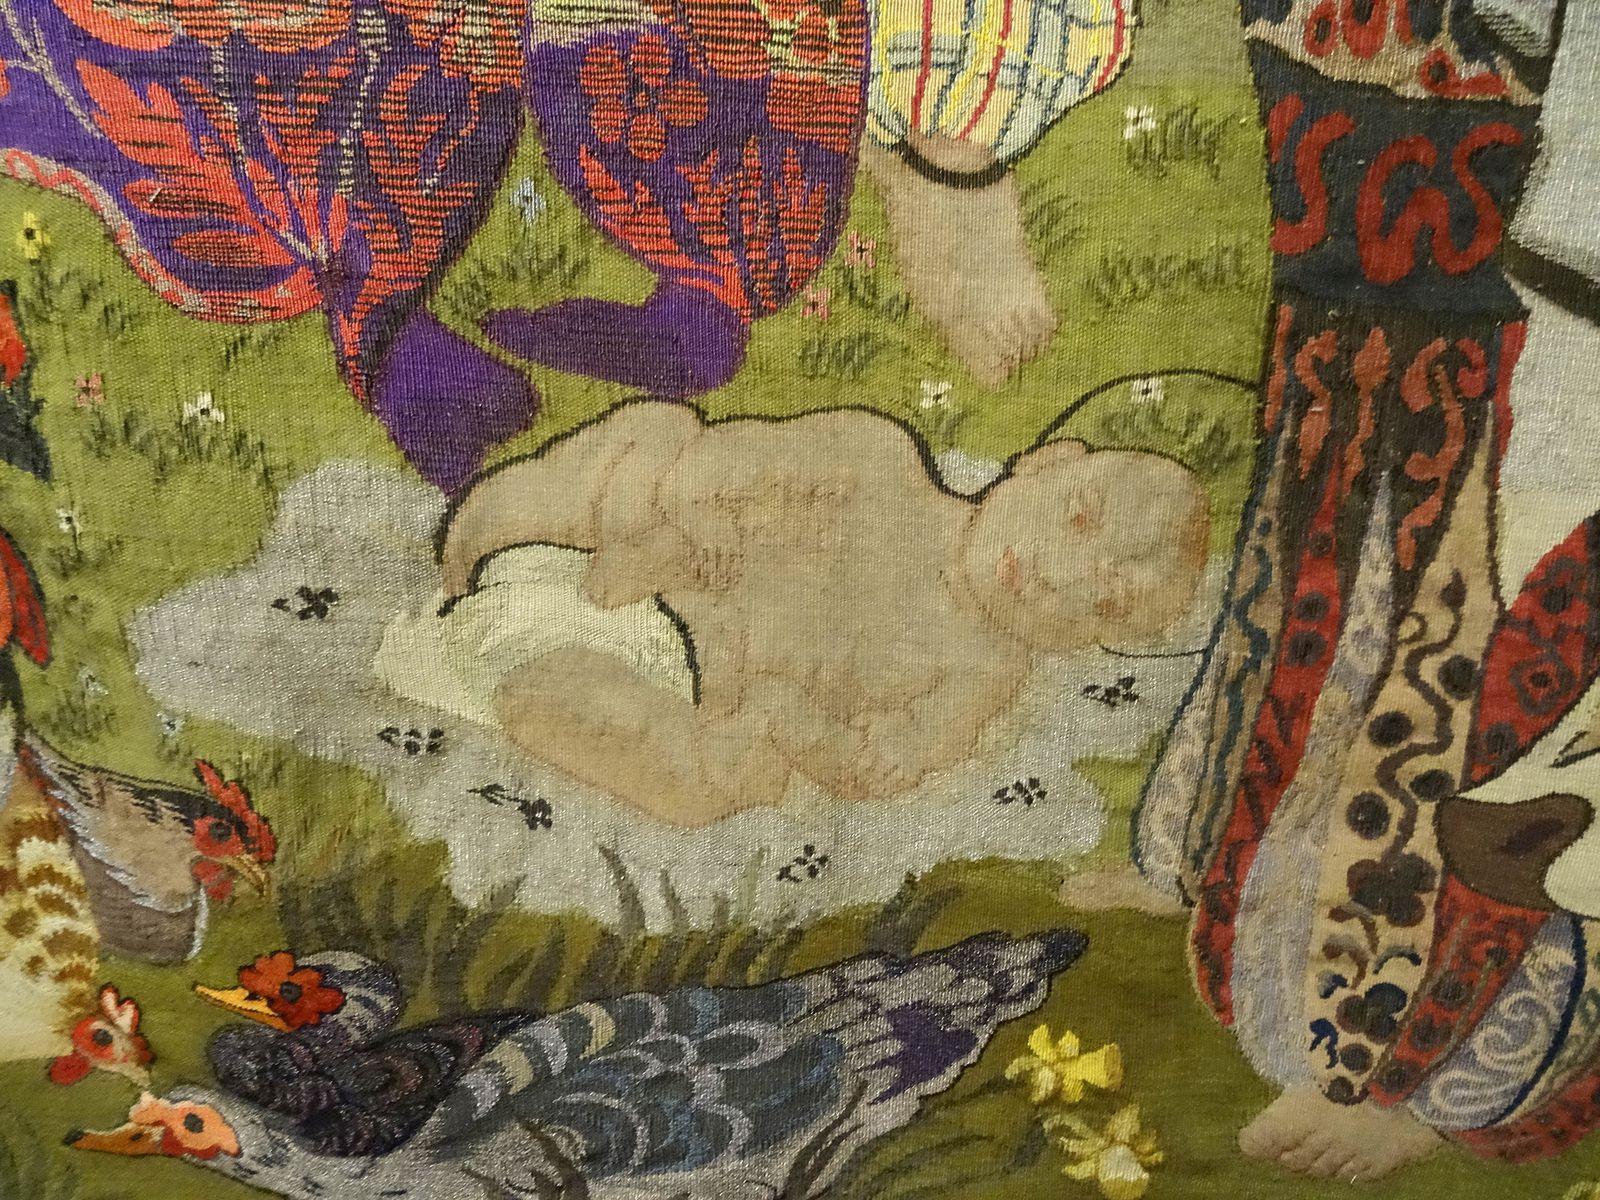 1910/1920 - La nativité - Tapisserie basse-lice laine et soie 295x250cm